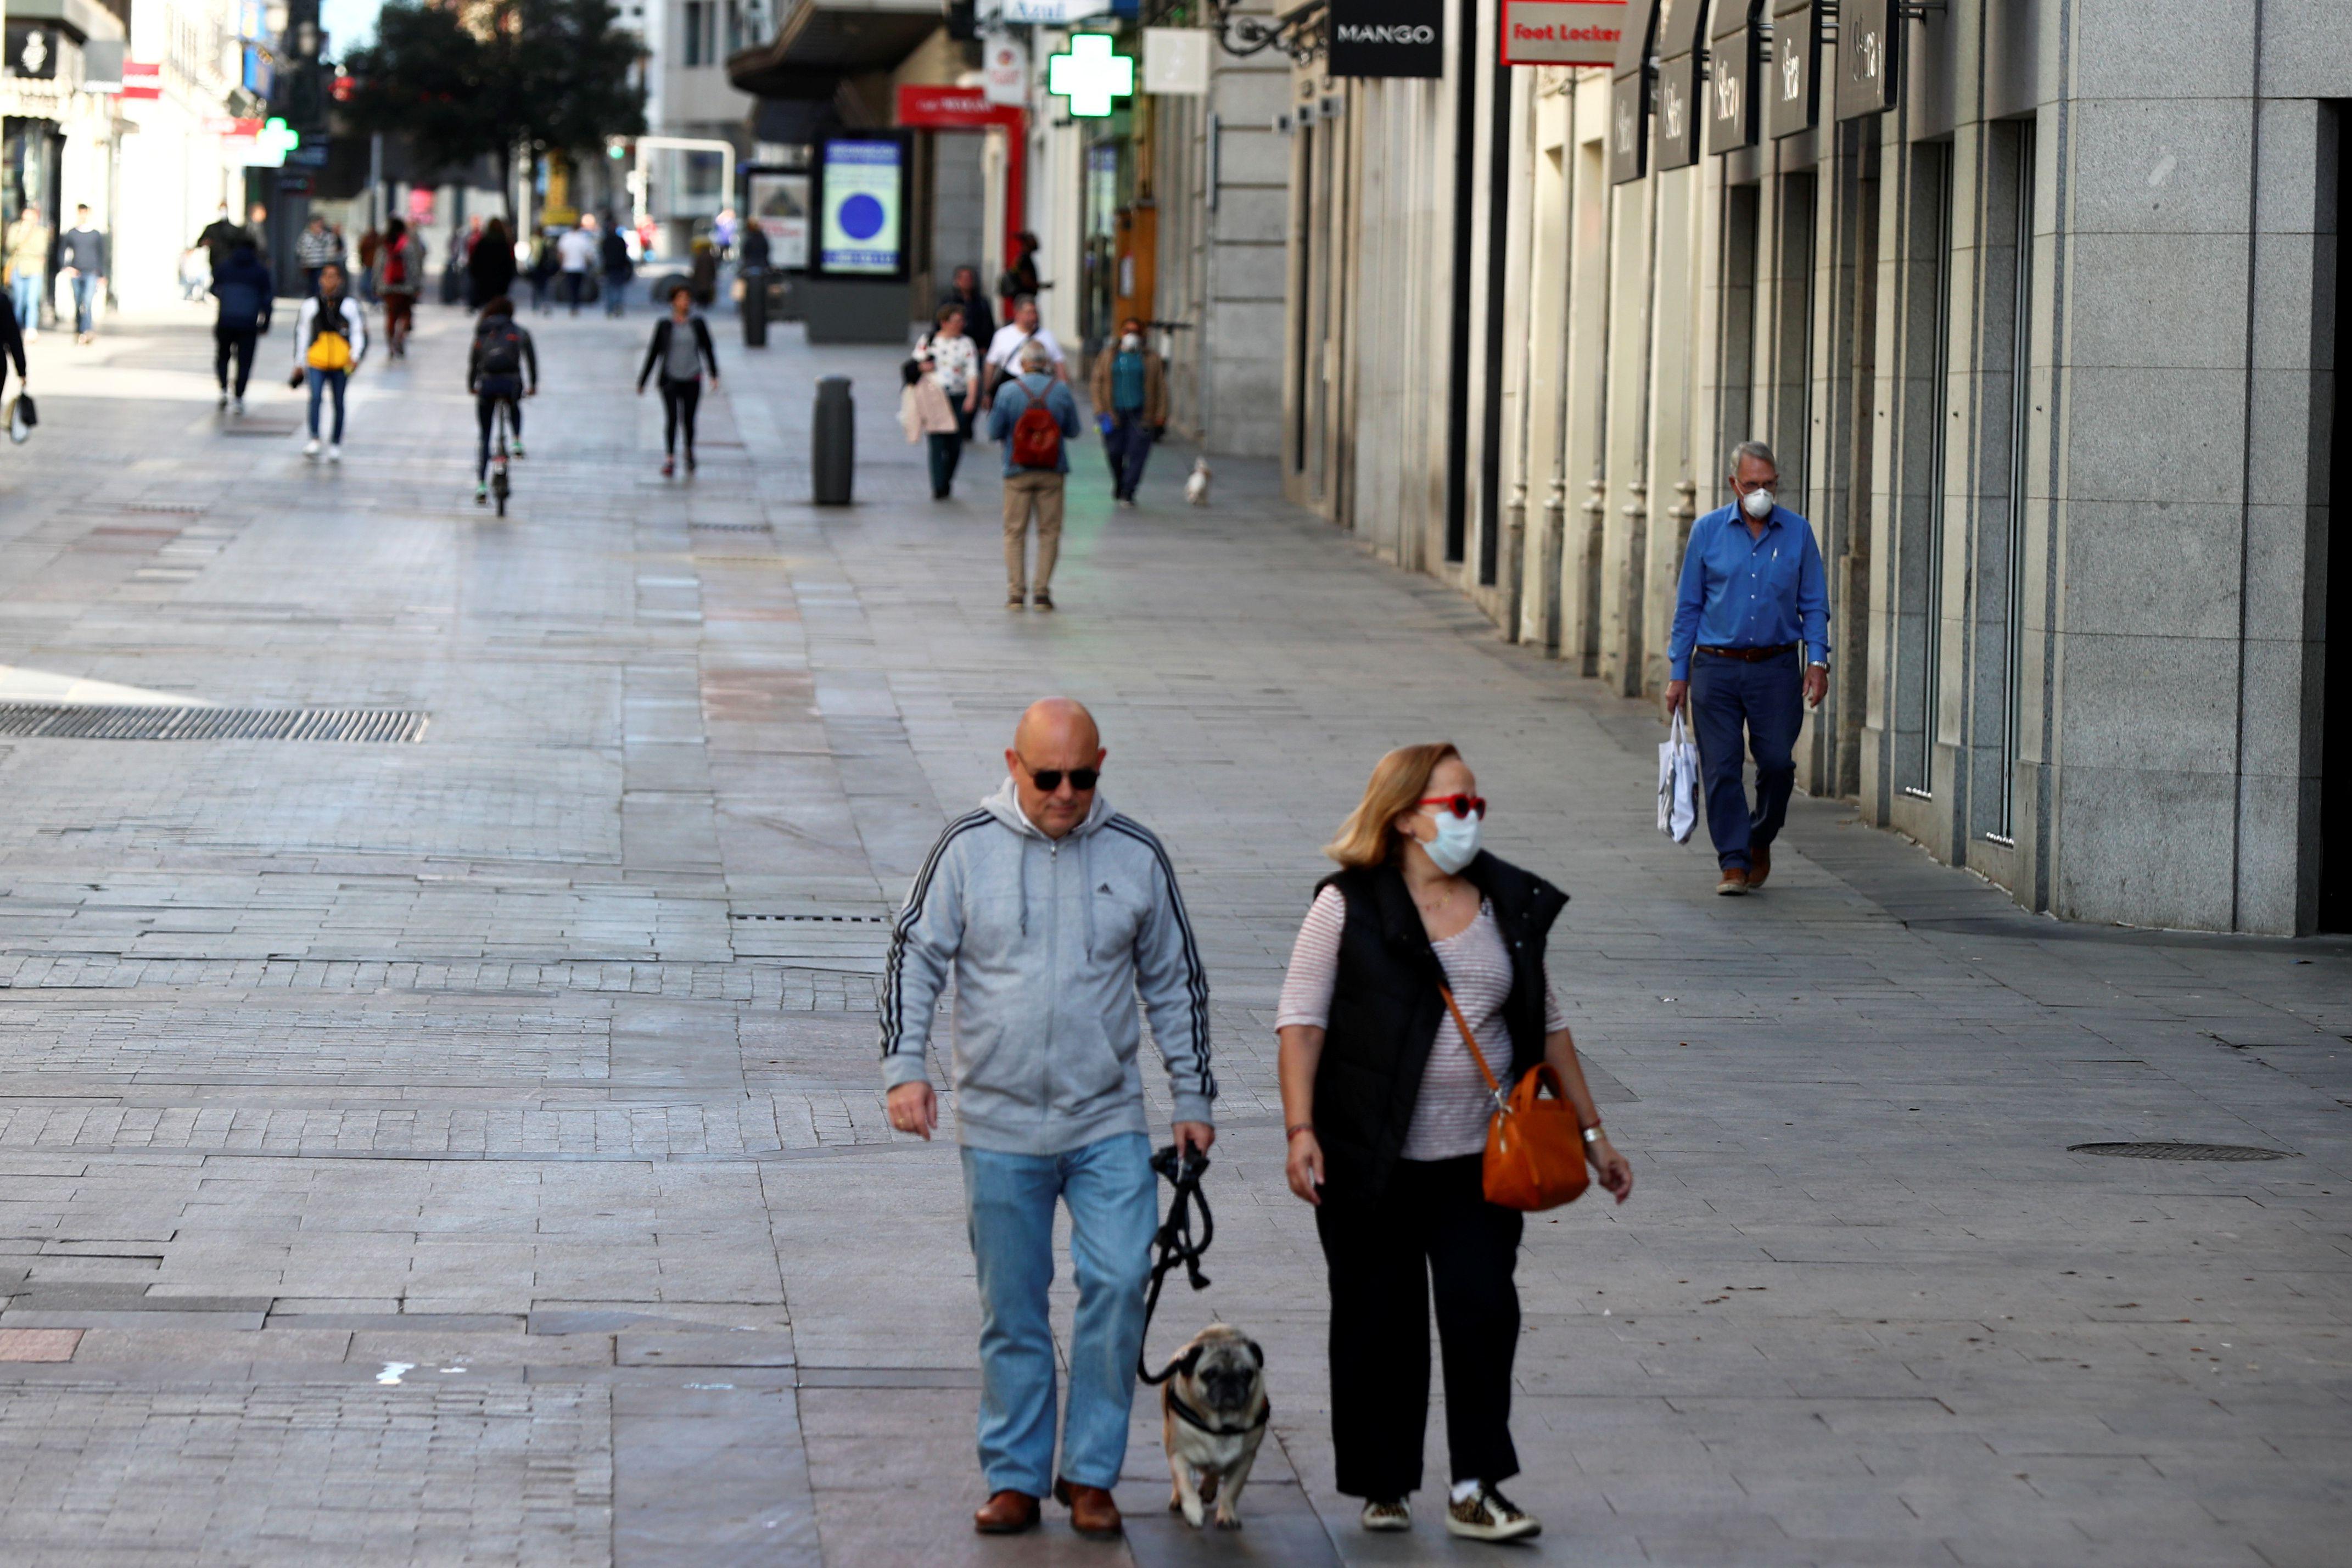 La gente, con máscaras protectoras, camina por una calle vacía debido al brote de coronavirus en el centro de Madrid, España, el 14 de marzo de 2020. REUTERS/Sergio Pérez